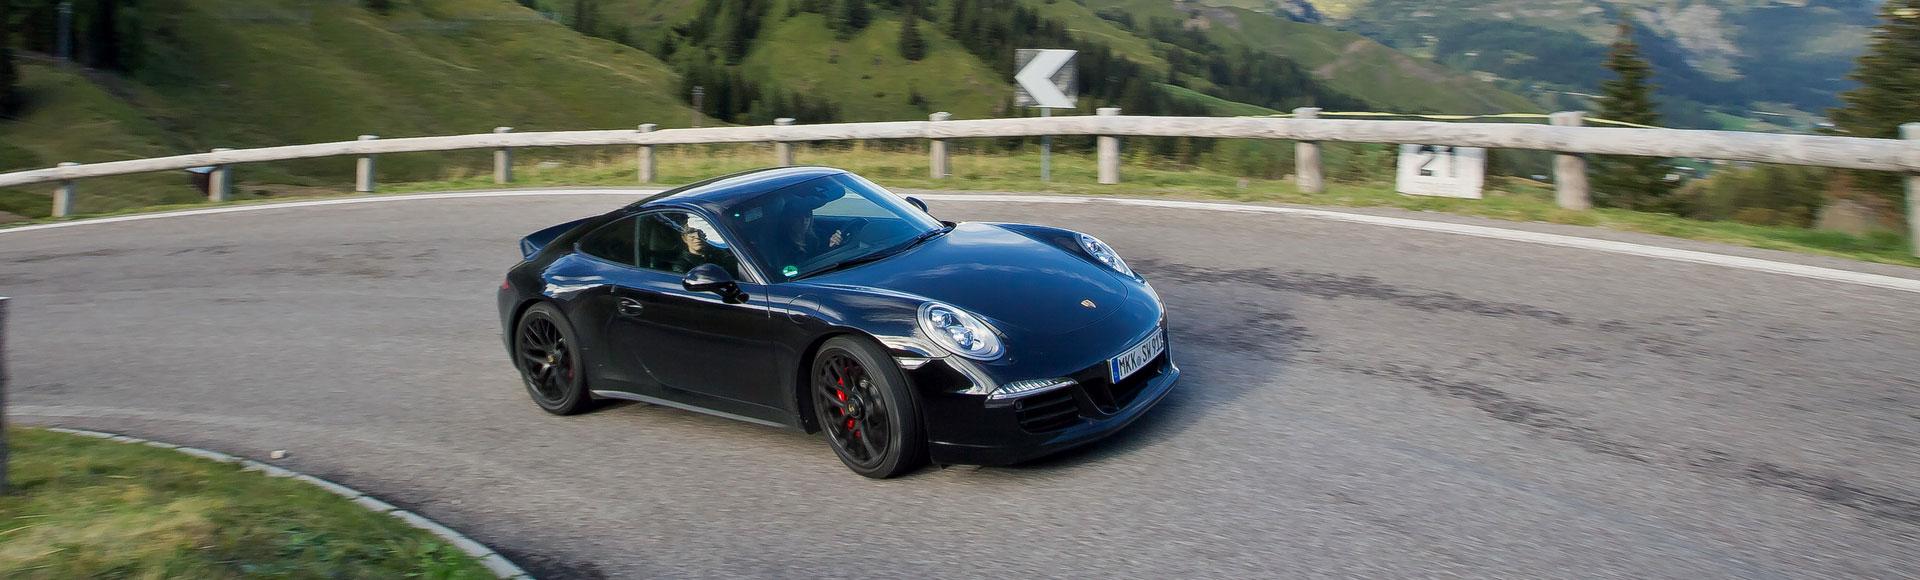 Porsche 911 991 Cabrio 2016 0395 Sommer